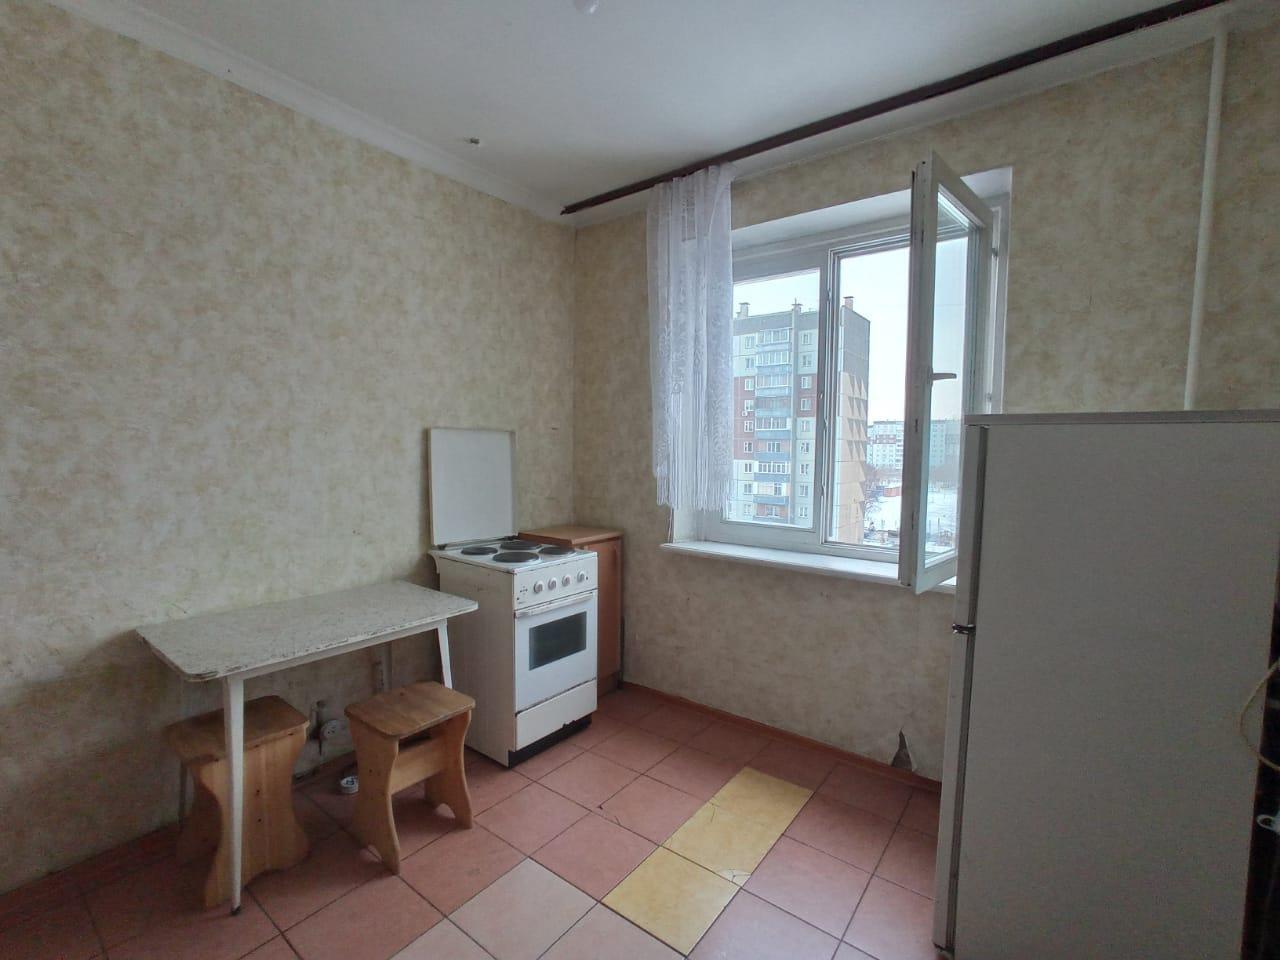 2к квартира Светлогорский переулок, 19 | 14000 | аренда в Красноярске фото 6